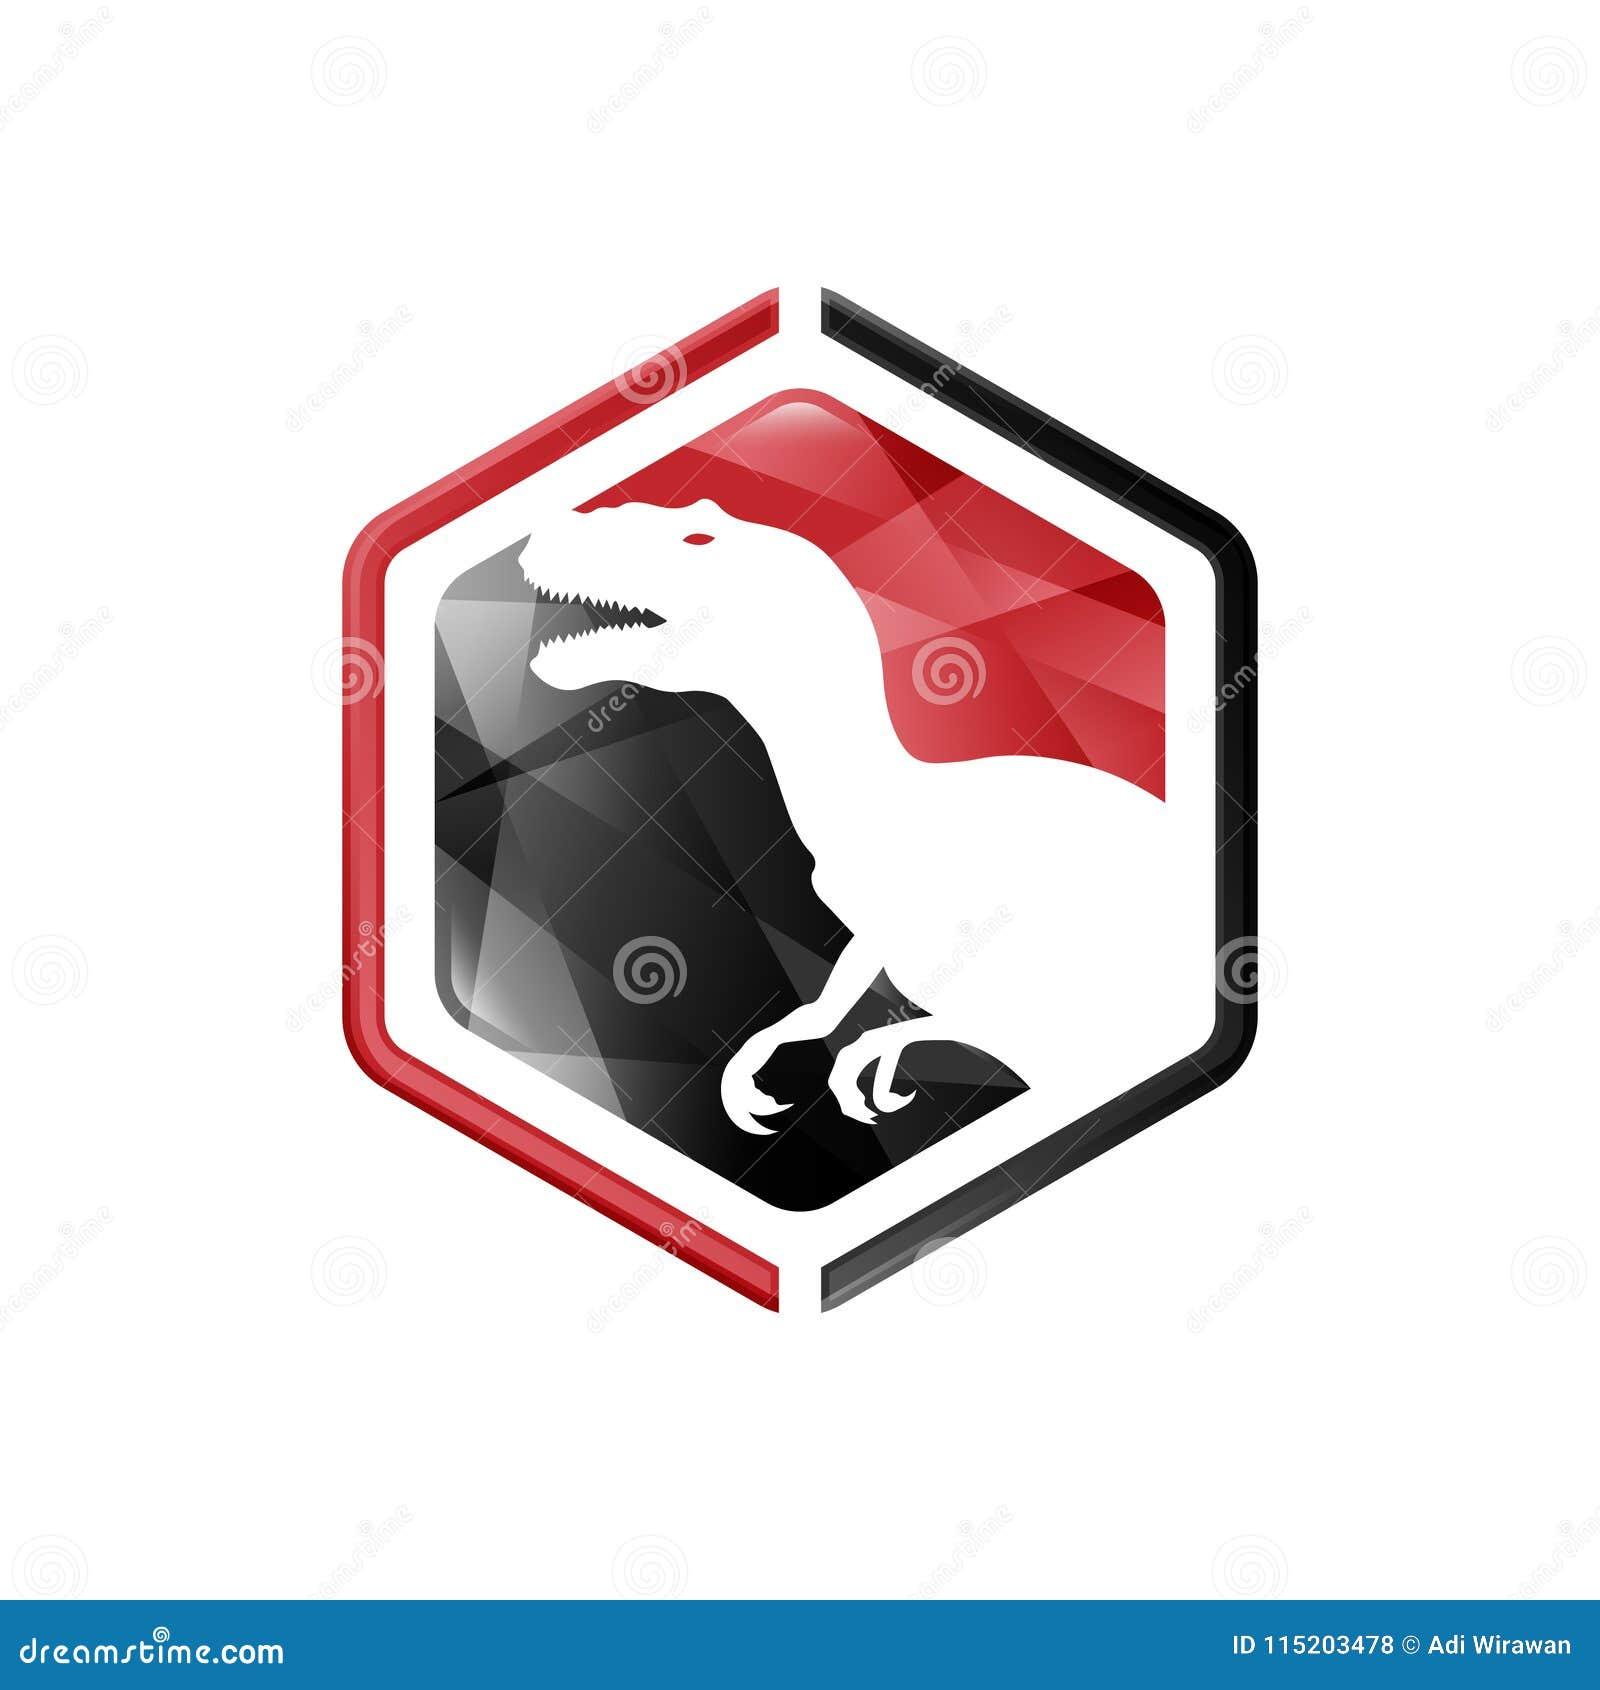 Projeto negativo do estilo do espaço dos animais Vetor negativo do logotipo do estilo do rex de T